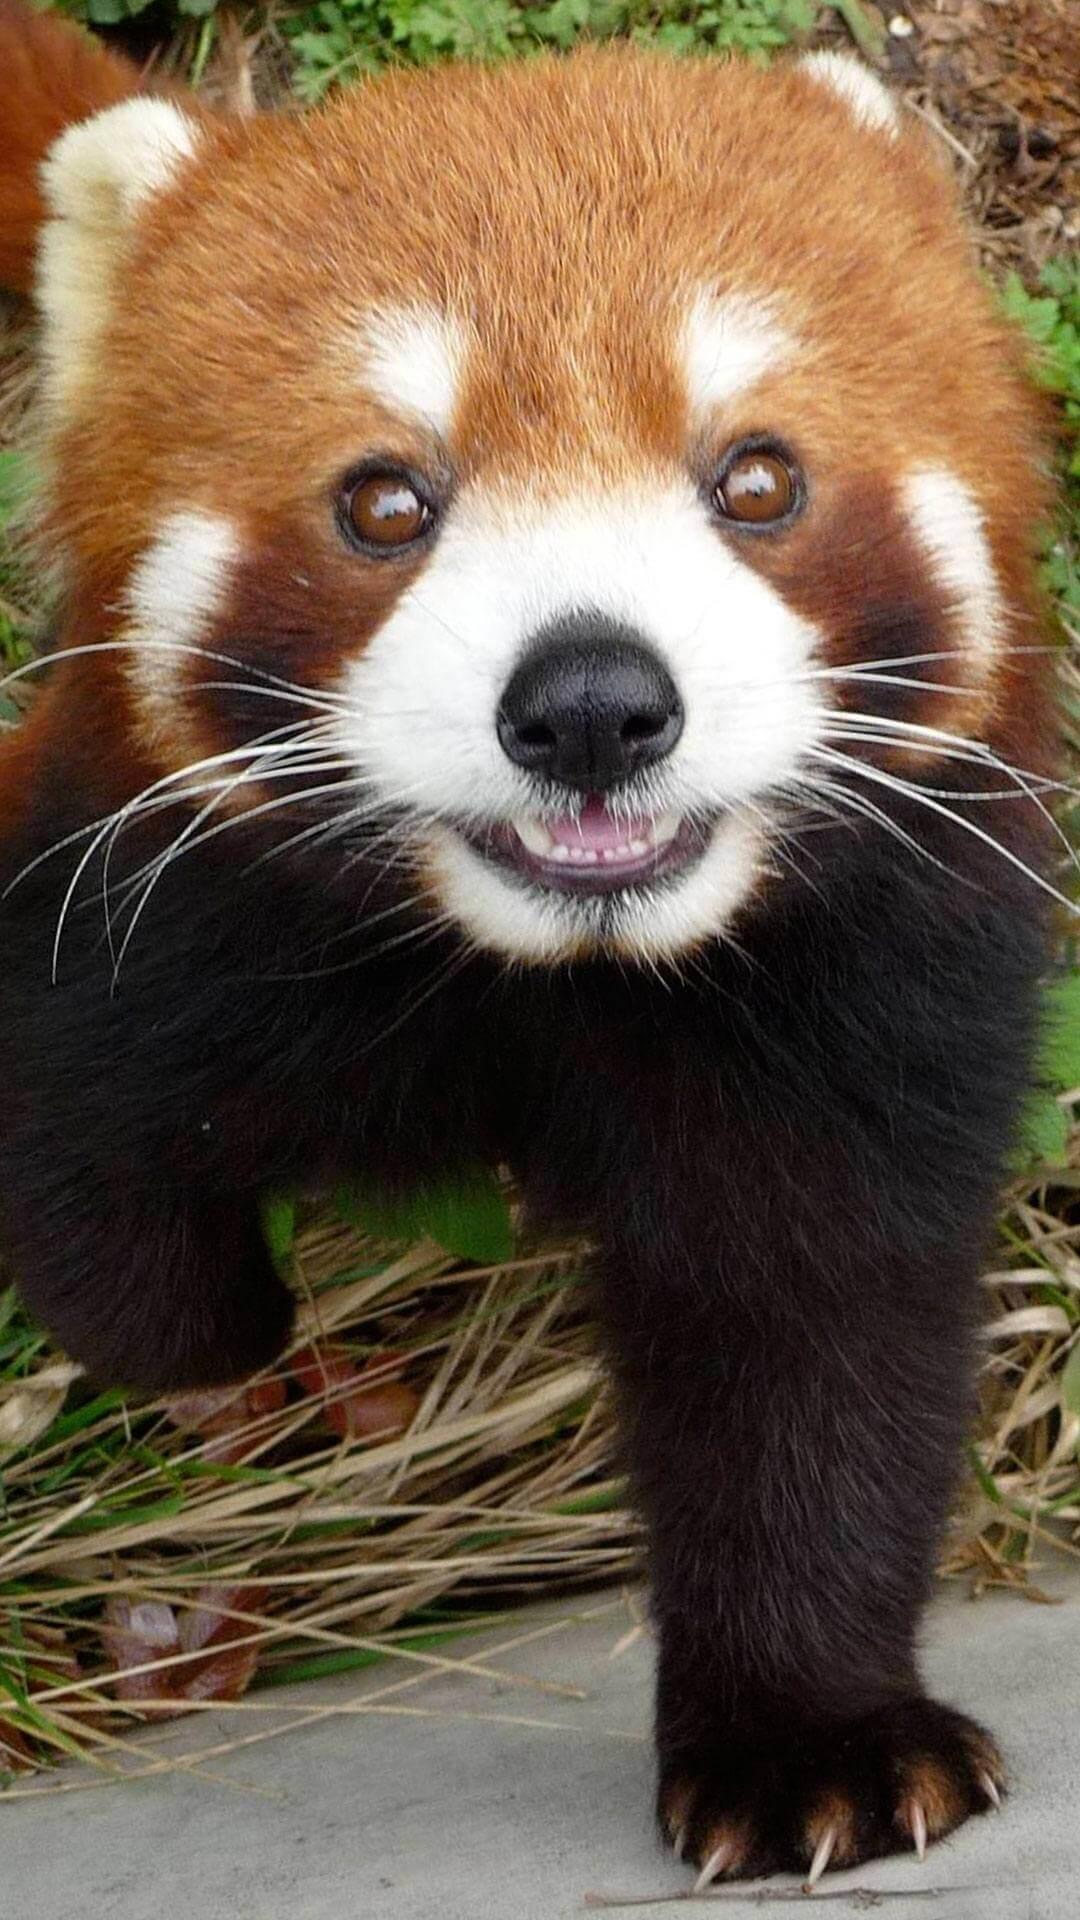 Cute Baby Panda Wallpaper (65+ images)